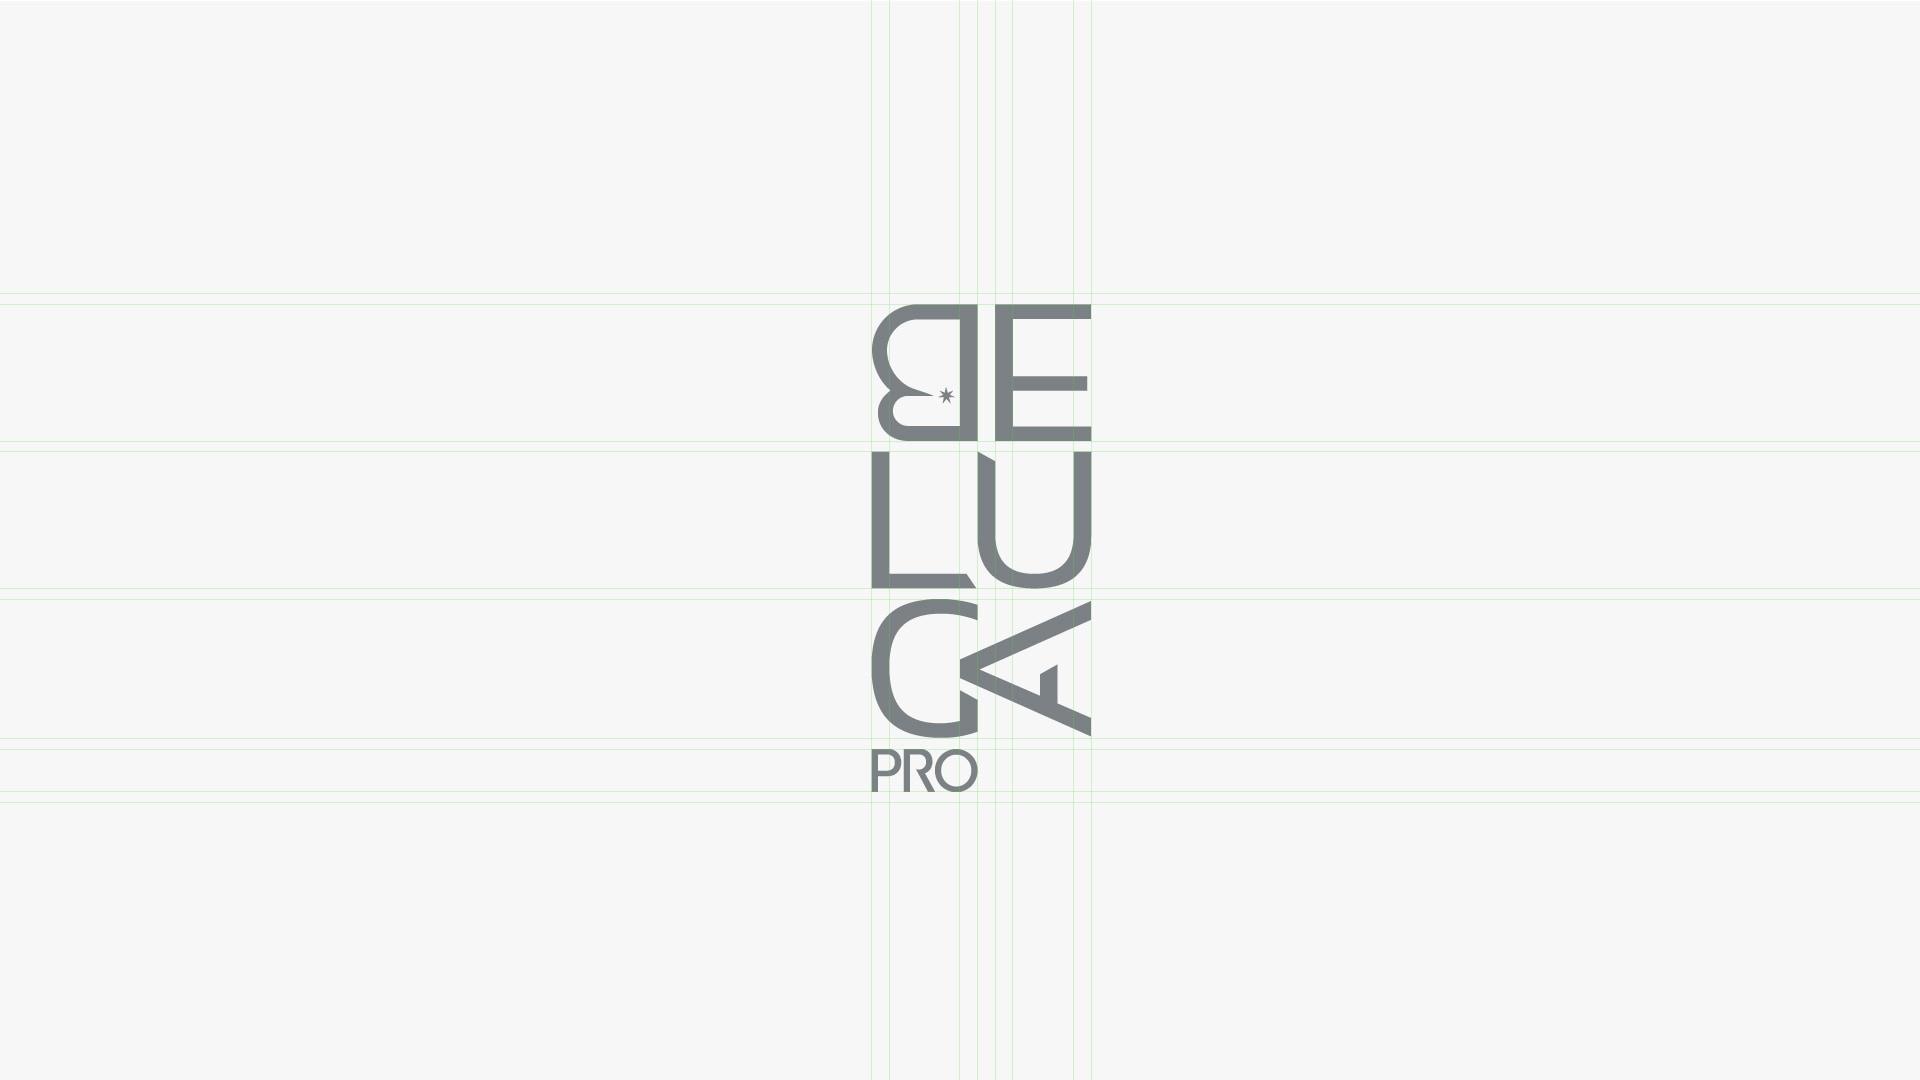 Beluga Pro